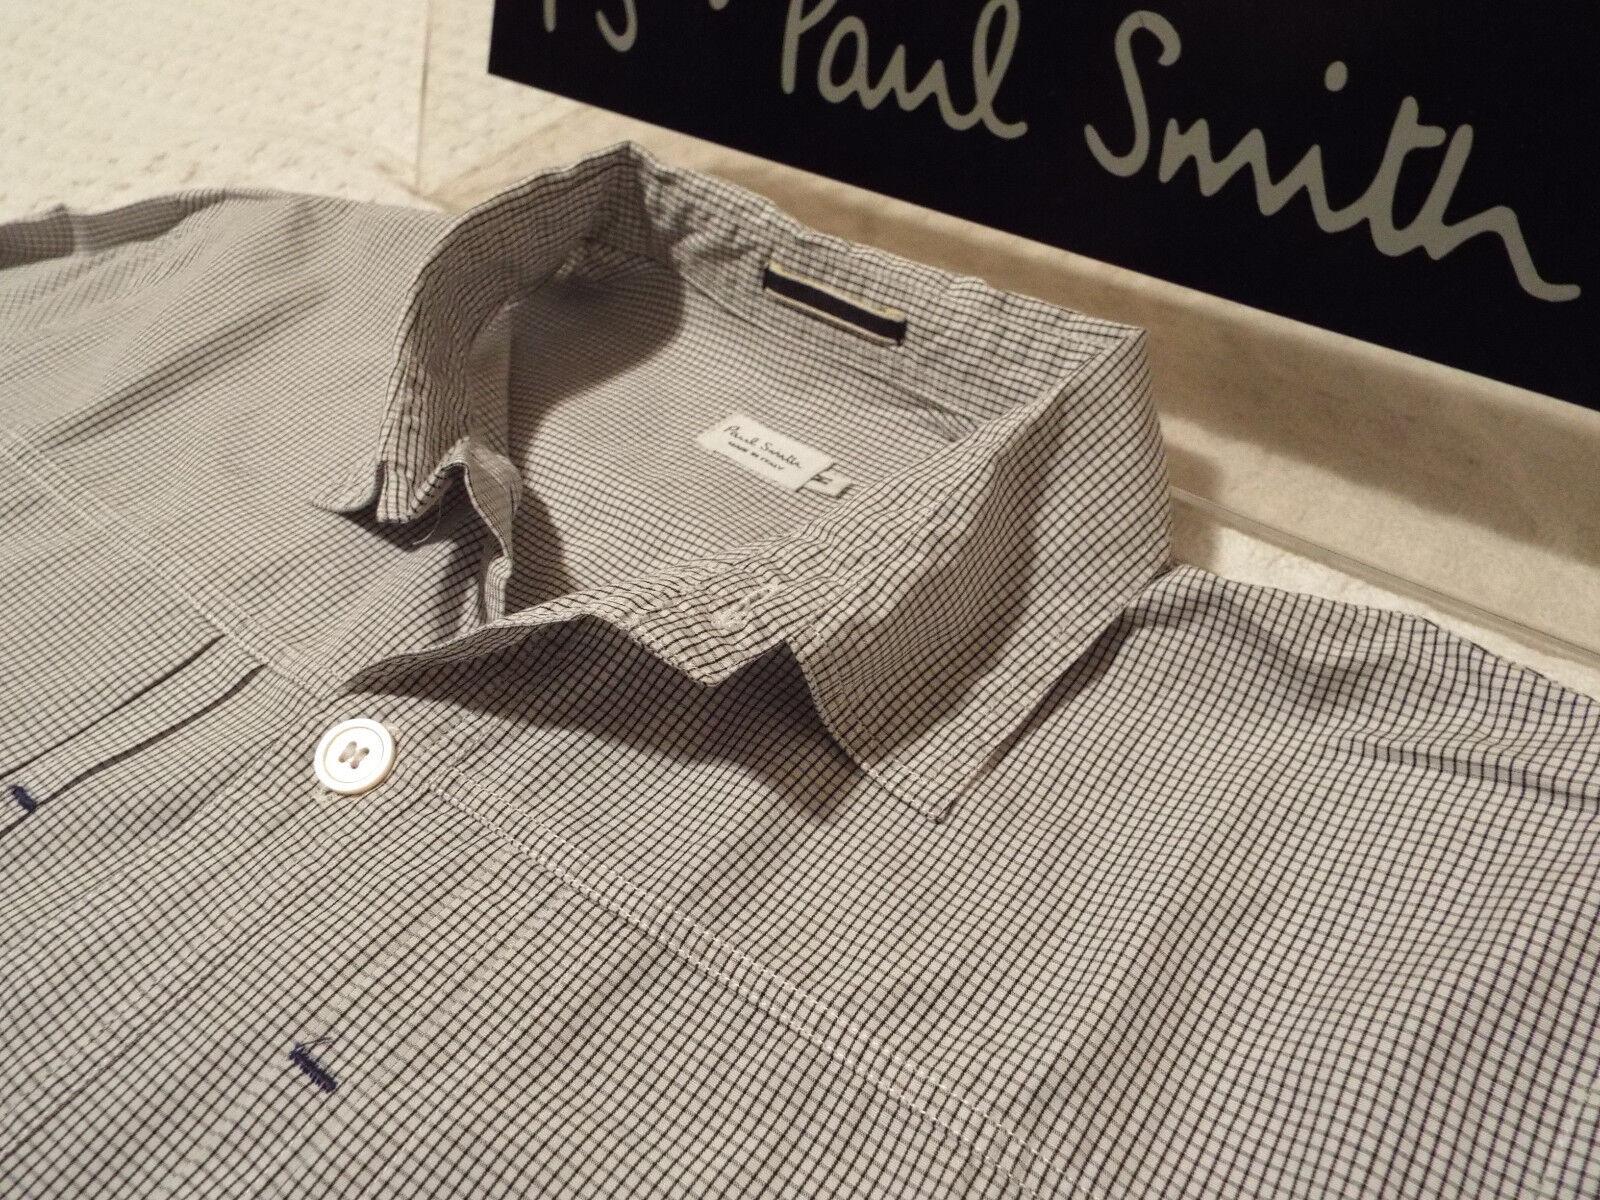 Paul Smith Mainline Maglietta da uomo  Taglia M (circonferenza petto 42 )  RRP +  controllo Stile